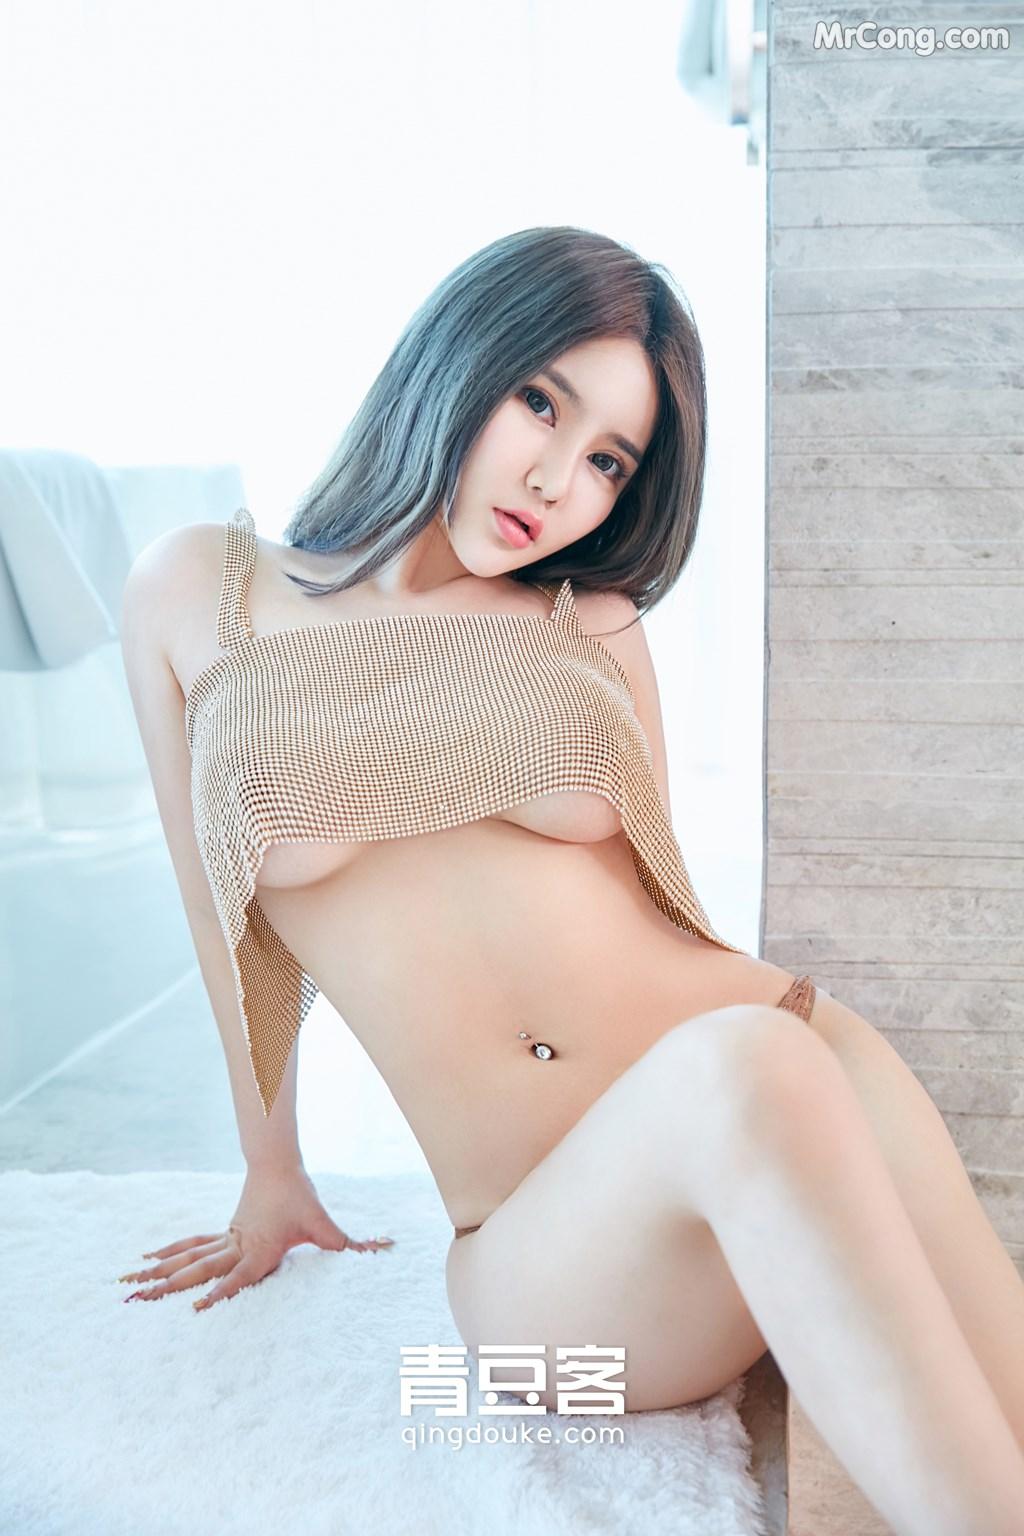 Image QingDouKe-2017-11-14-Wen-Xin-Yi-MrCong.com-010 in post QingDouKe 2017-11-14: Người mẫu Wen Xin Yi (温馨怡) (49 ảnh)